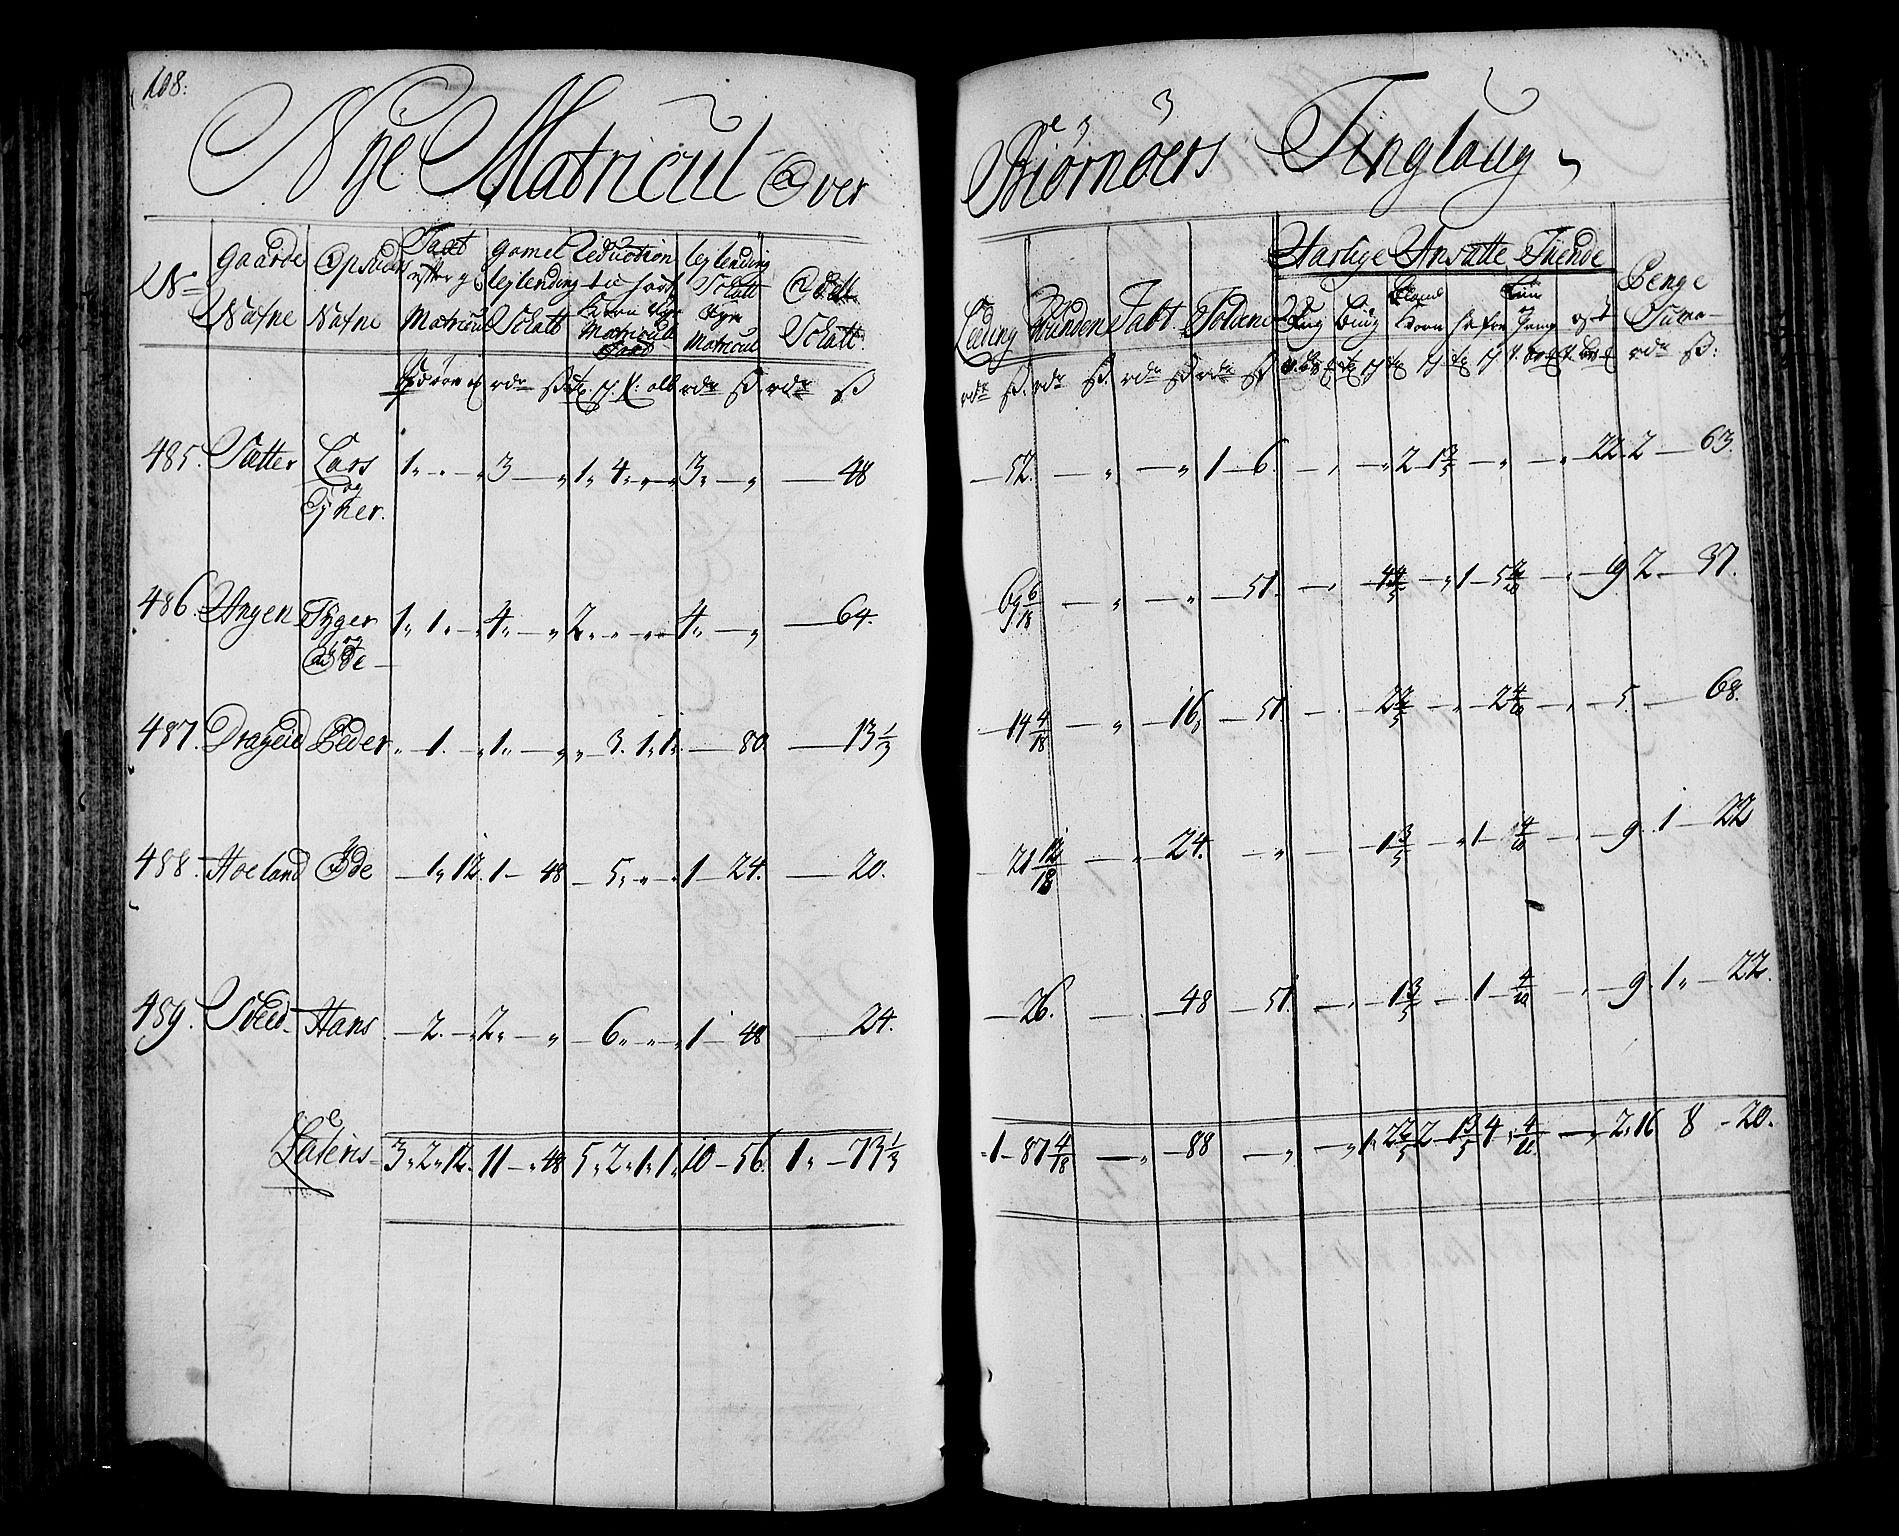 RA, Rentekammeret inntil 1814, Realistisk ordnet avdeling, N/Nb/Nbf/L0163: Fosen matrikkelprotokoll, 1723, s. 108